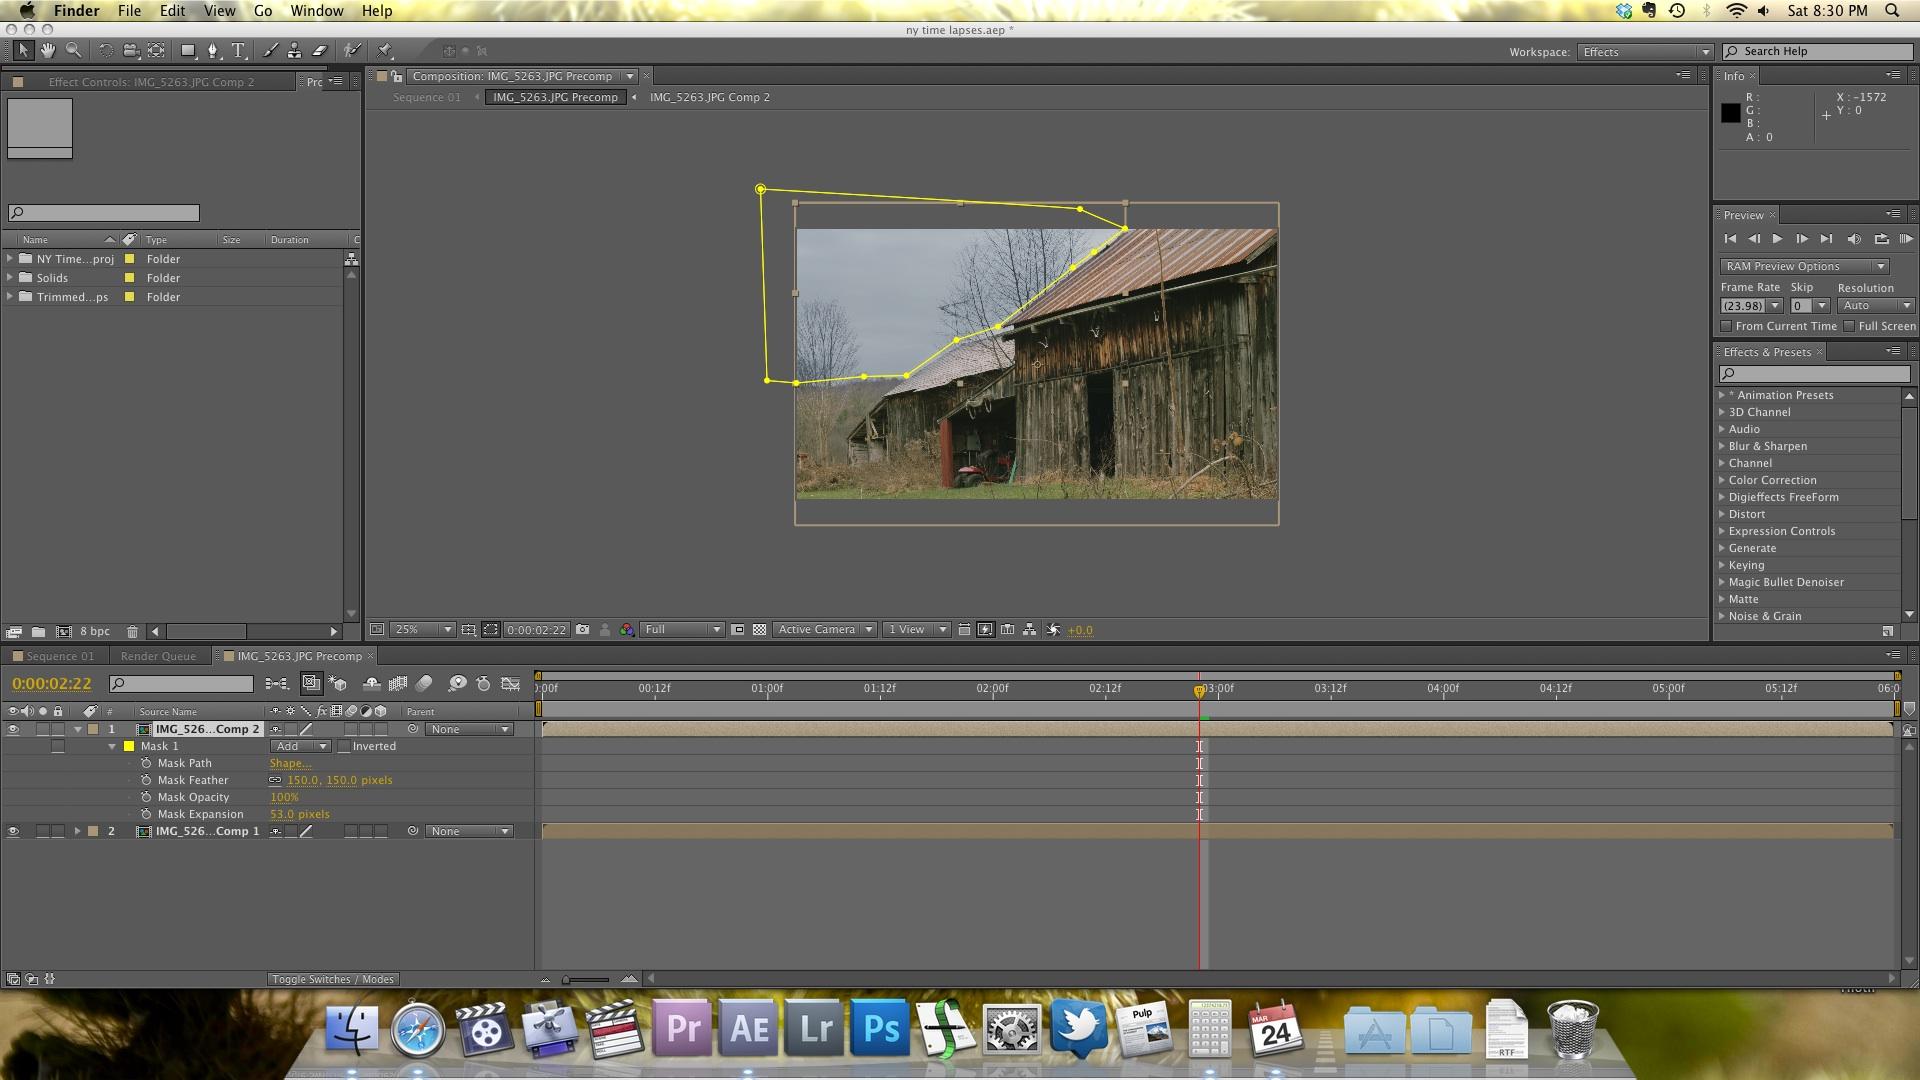 Screen shot 2012-03-24 at 8.30.14 PM